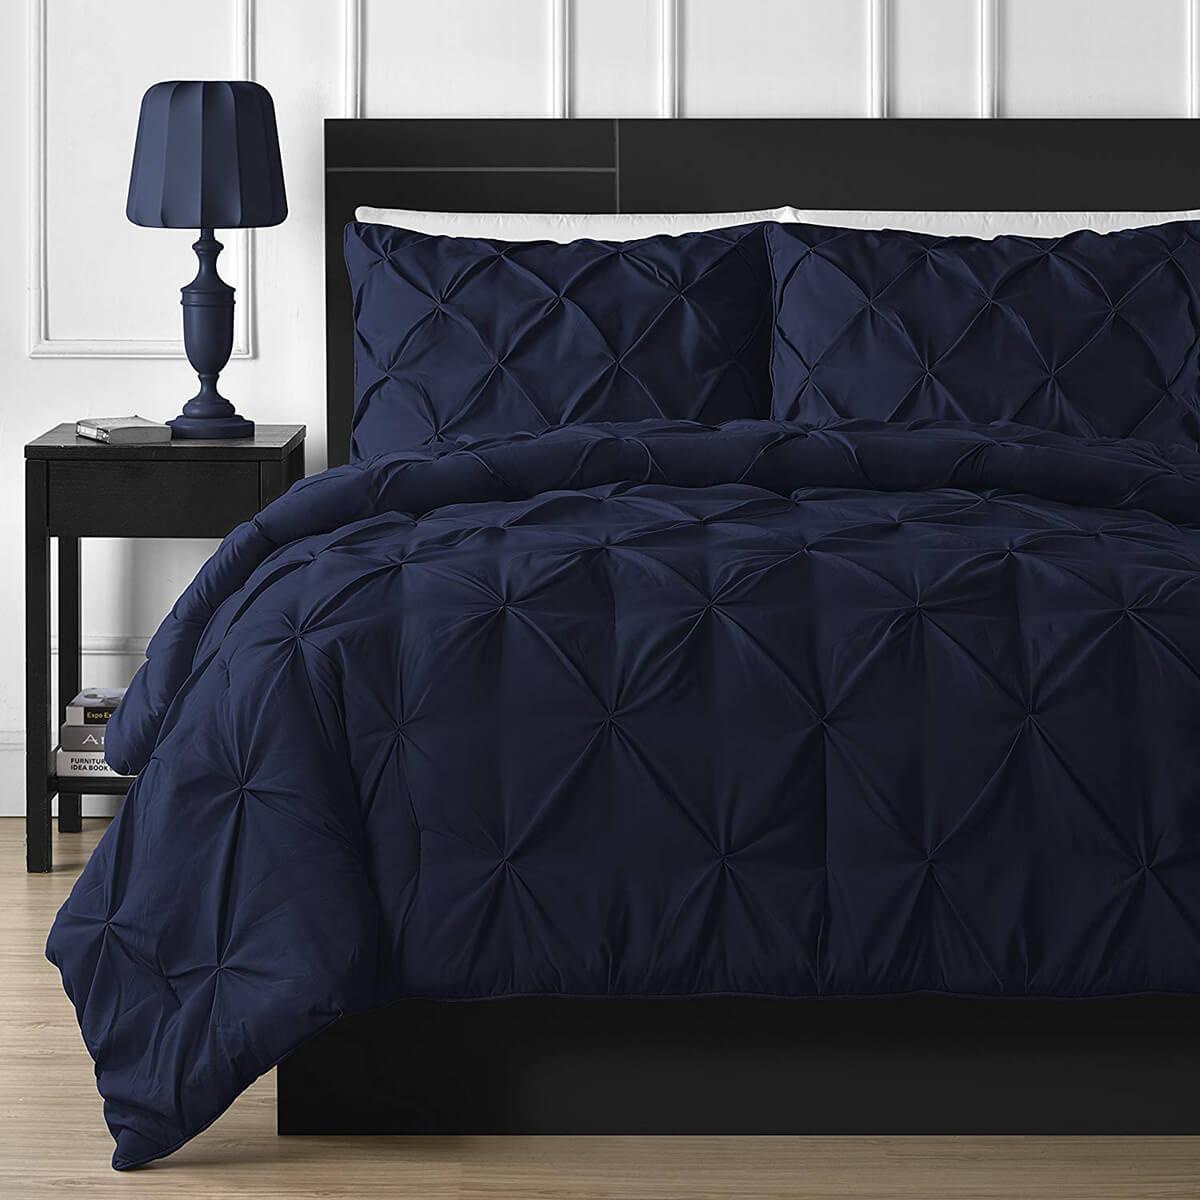 спальня в тёмно-синих тонах фото 12